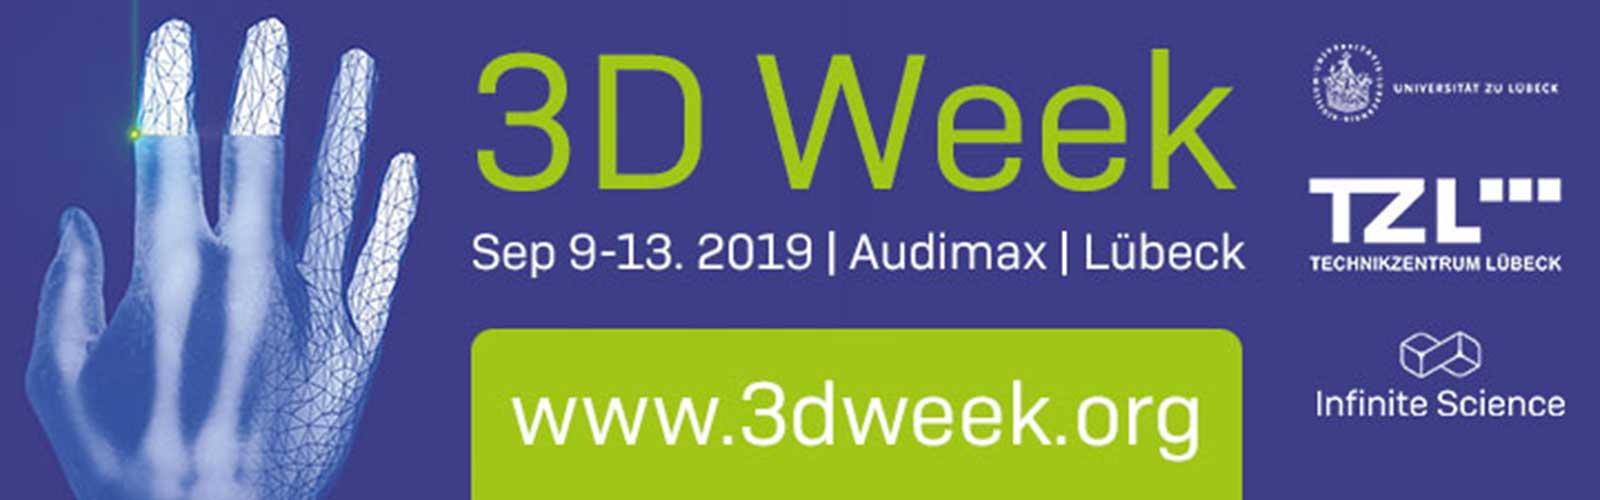 3D-Week @ Audimax, BioMedTec Wissenschaftscampus